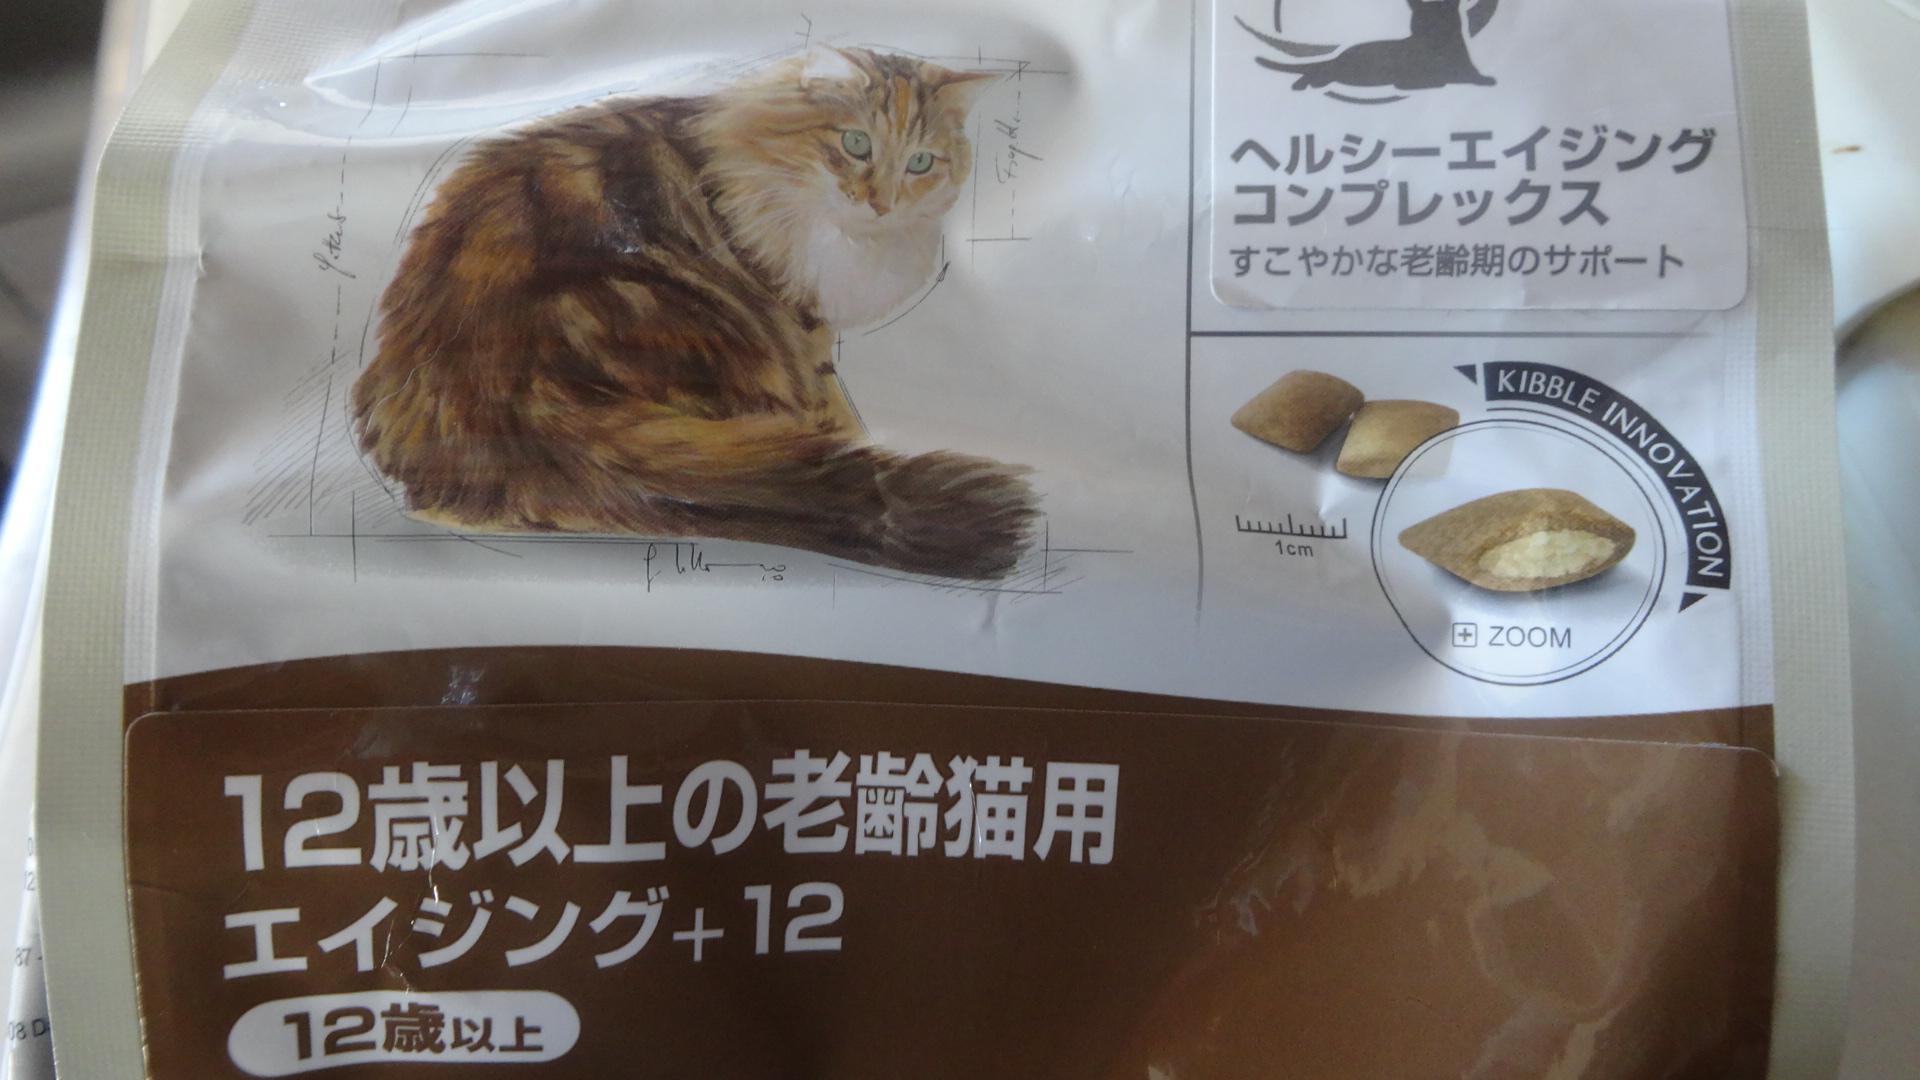 老ネコ用のカリカリ